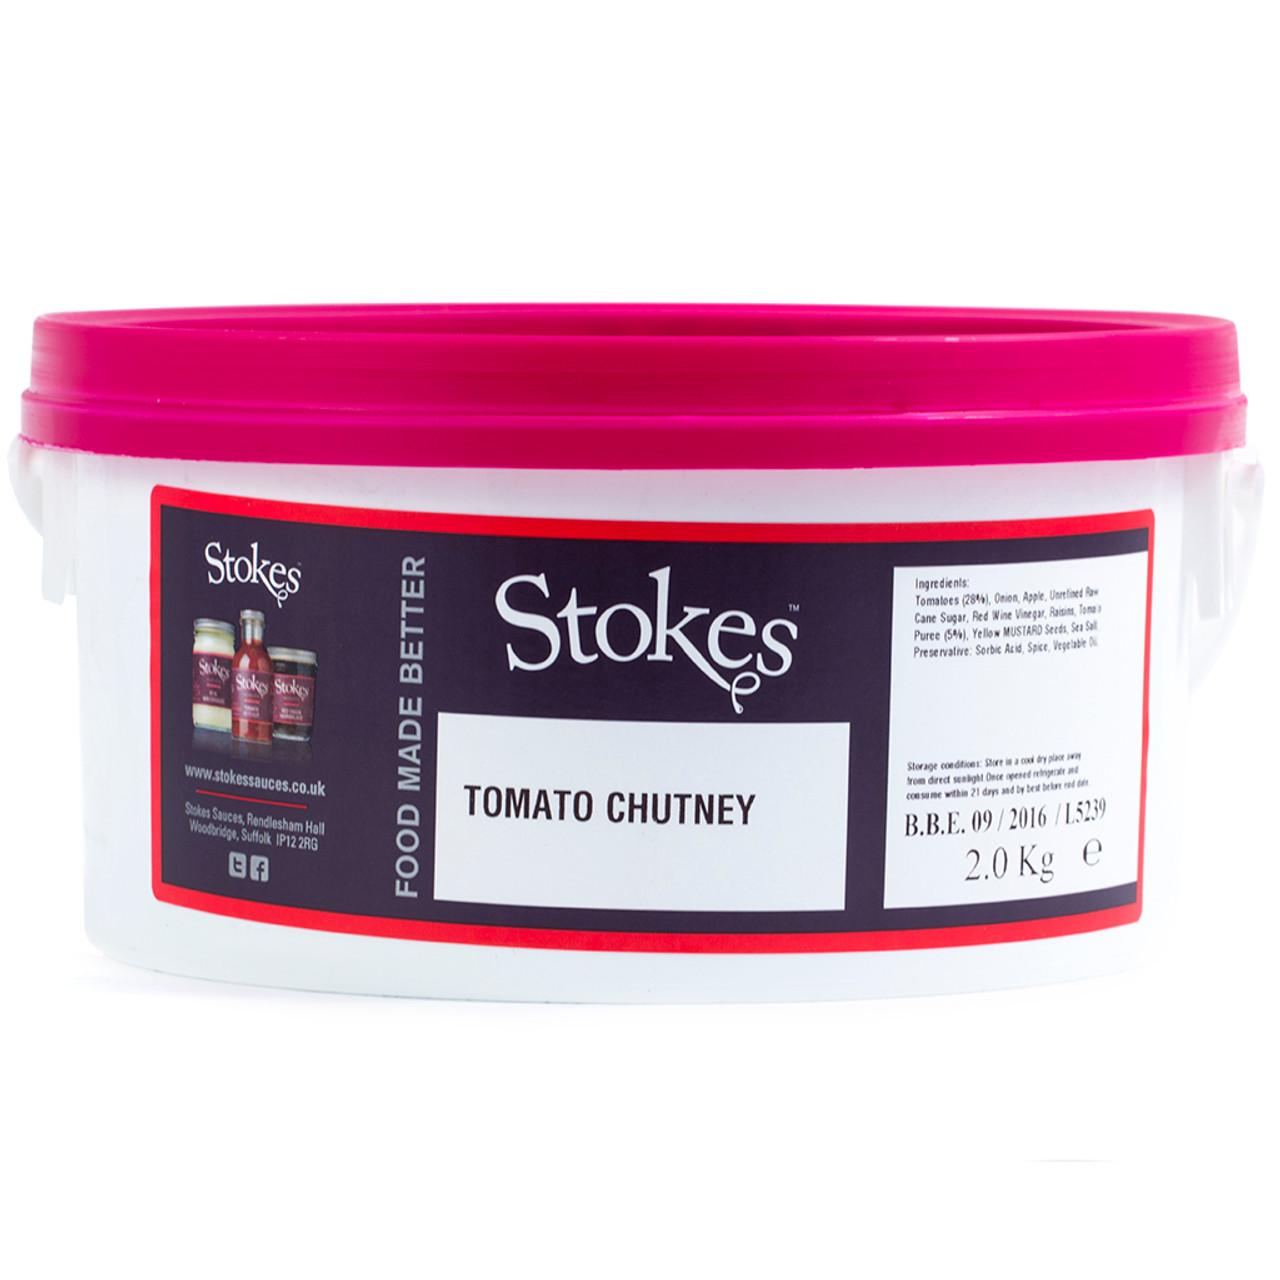 Stokes - Tomato Chutney 2kg